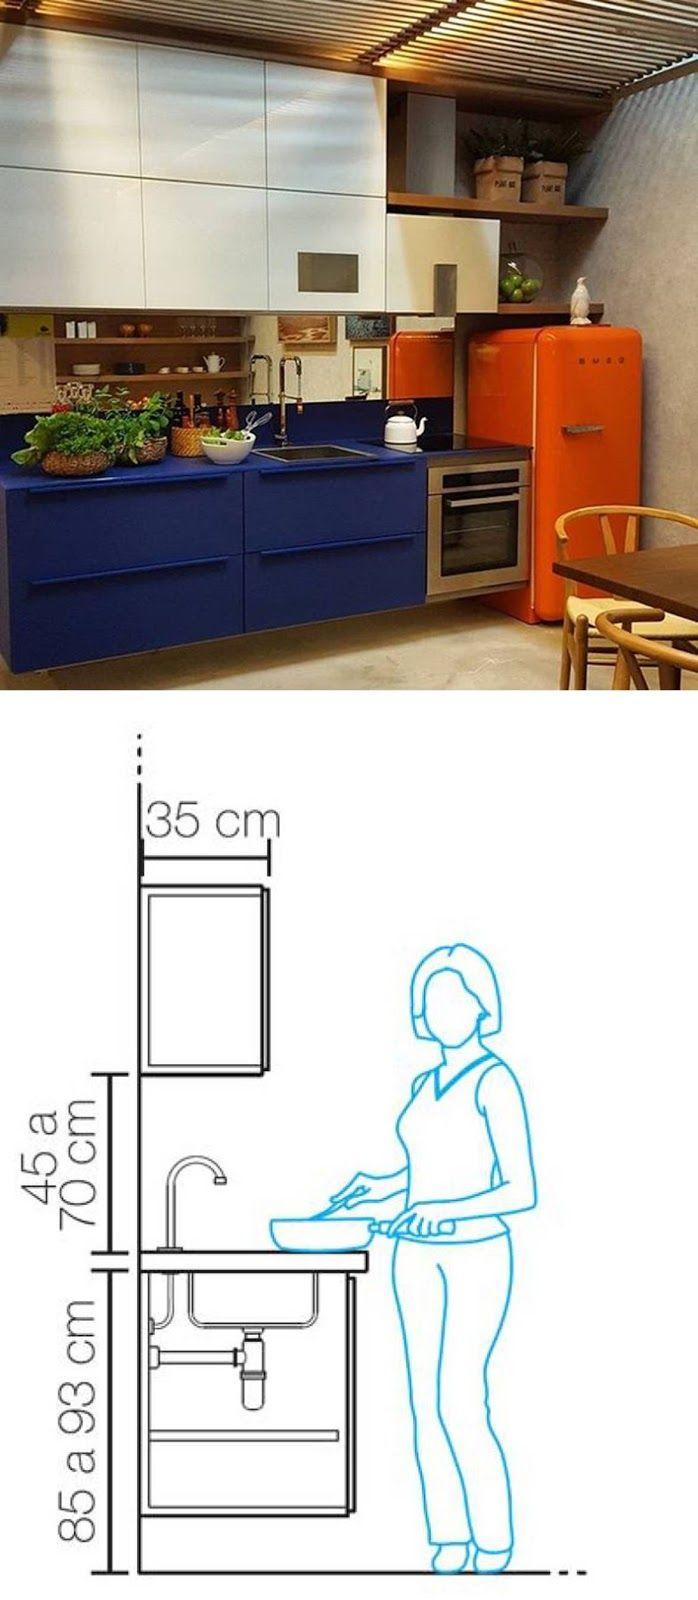 Casinha Colorida Vai Projetar Ou Reformar A Sua Cozinha Veja Dicas